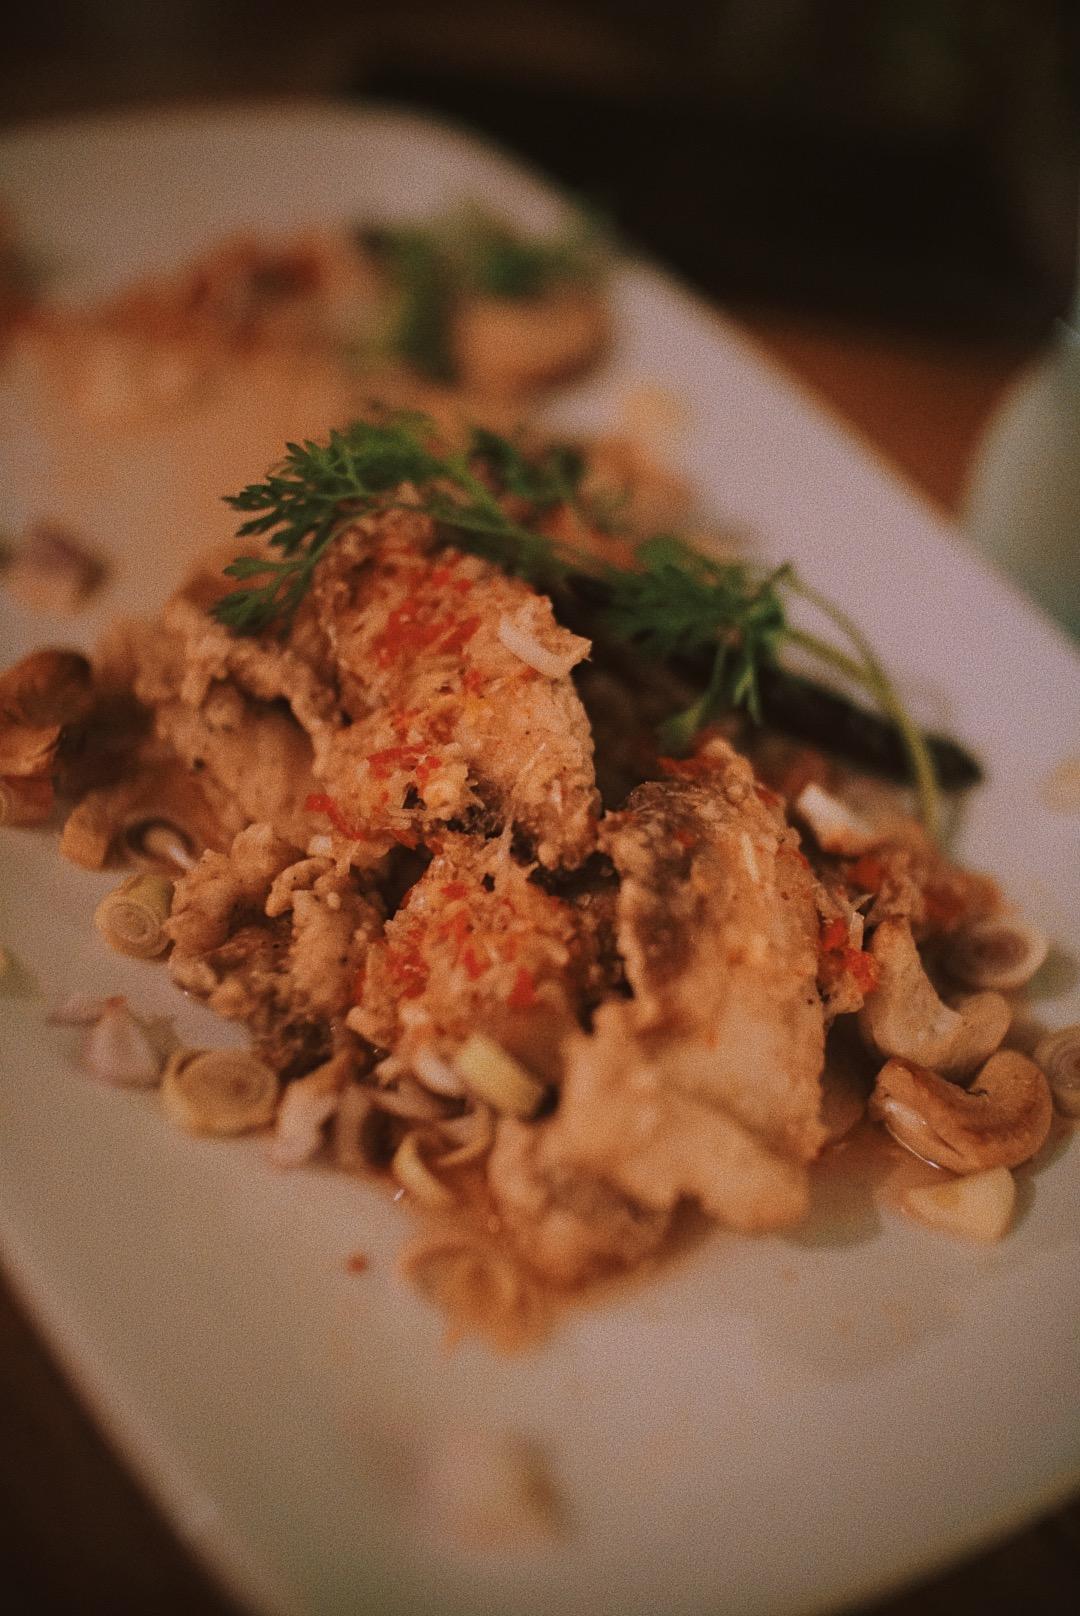 Ini juga menu dinner yang enak, ikan goreng tepung dengan bumbu pedas.